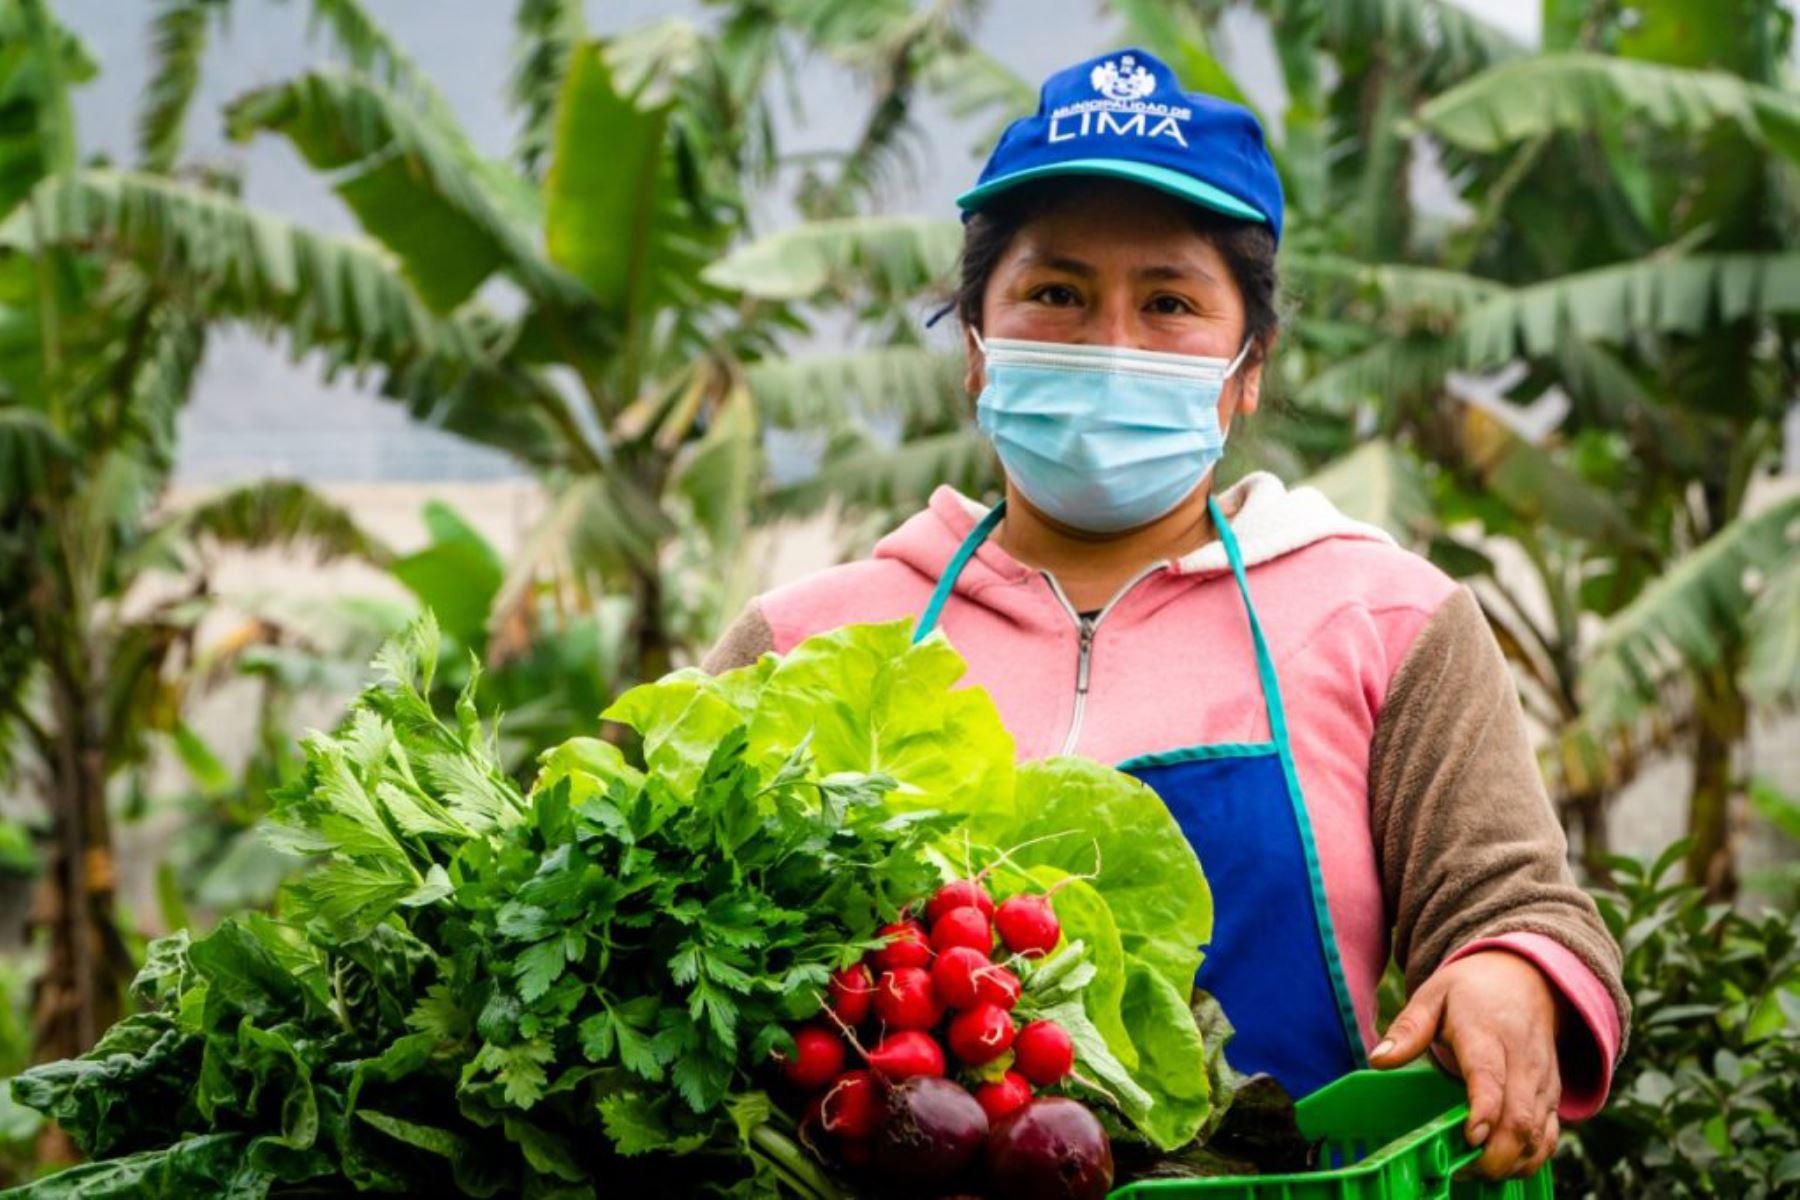 El jueves 16 el Mercado Móvil estará en la Alameda de la Integración (altura de la puerta 3 del Parque de la Reserva, Santa Beatriz), de 8 a.m. a 1 p.m. Foto: ANDINA/ Municipalidad de Lima.